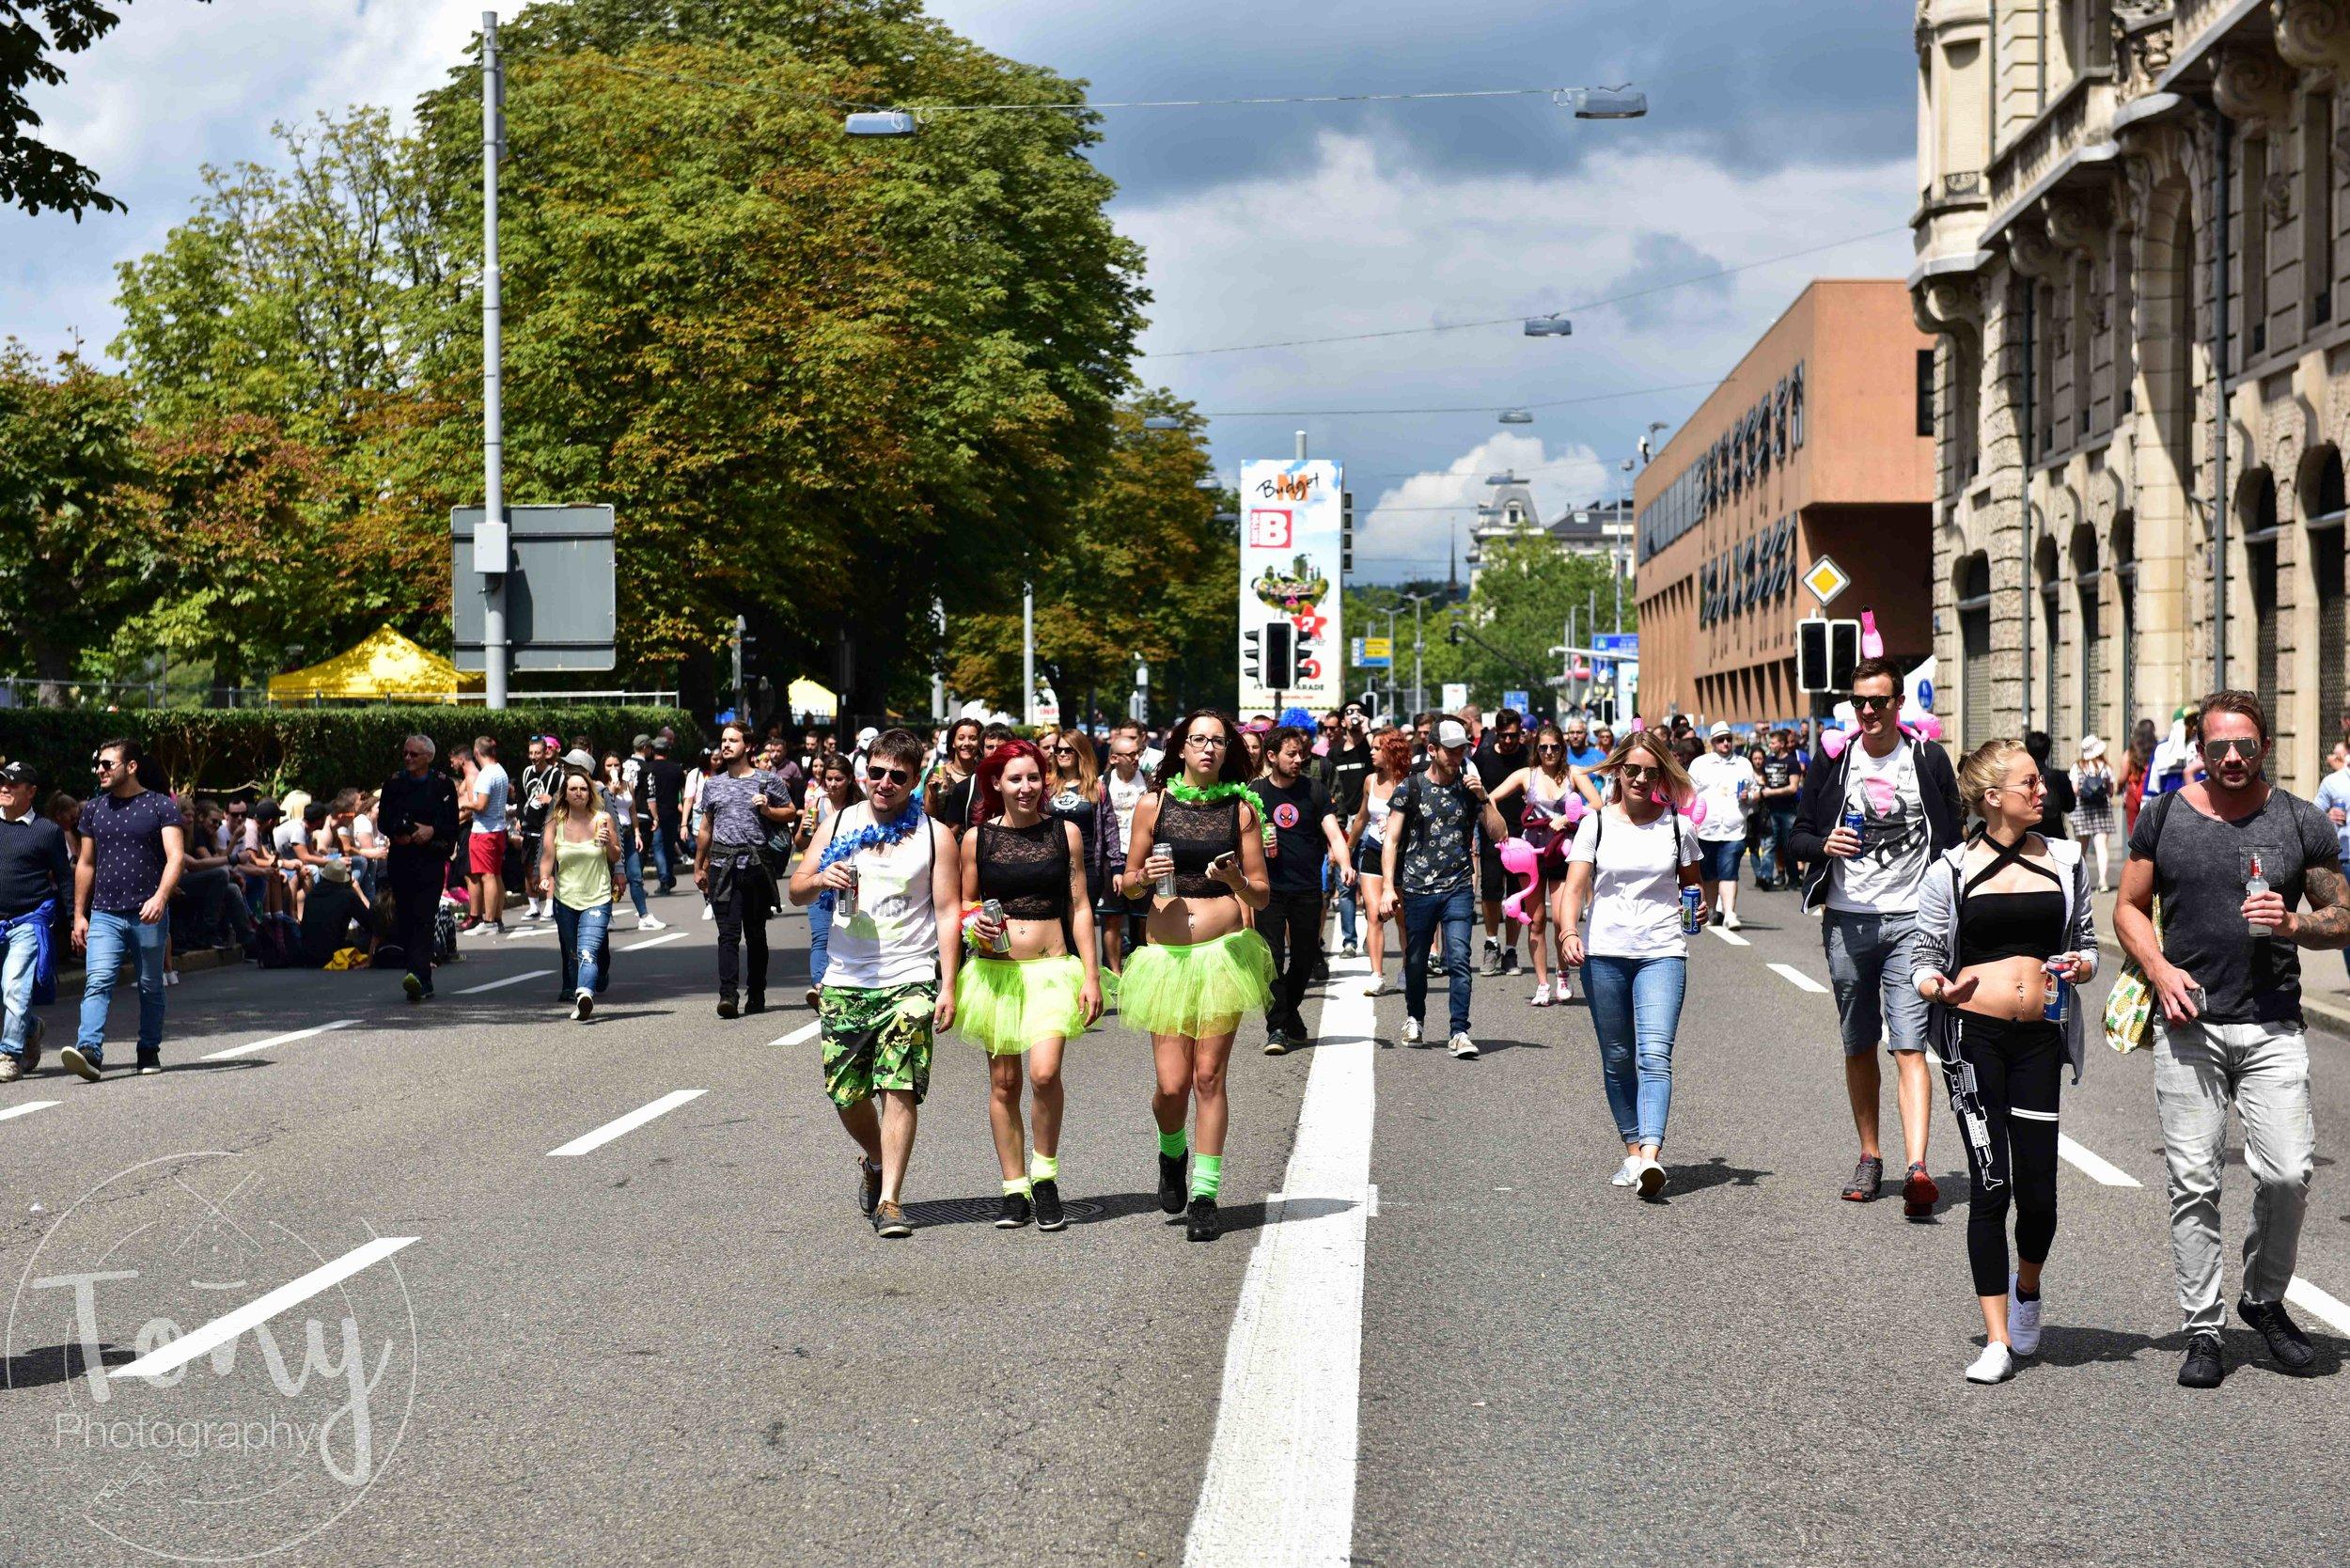 streetparade-16.jpg